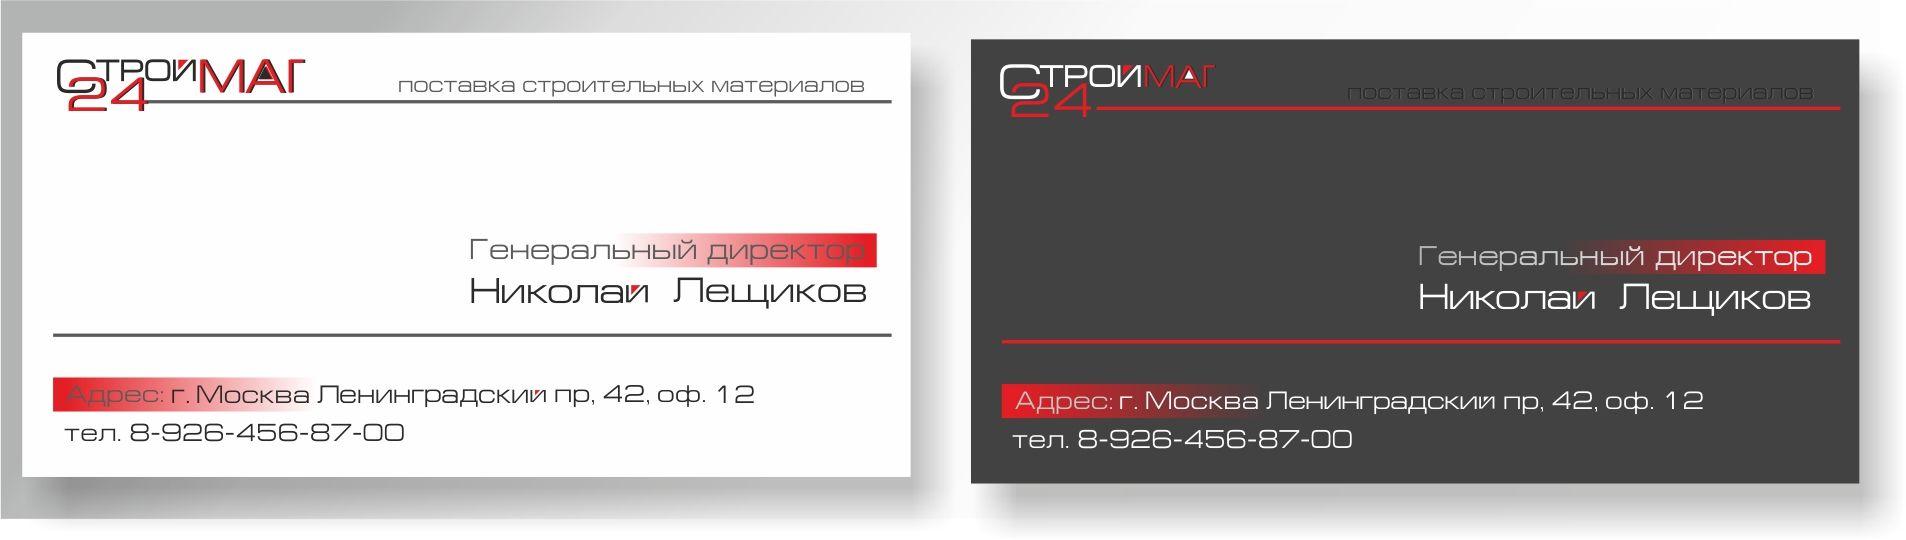 Лого и фирм стиль для Строймаг24 - дизайнер Verba